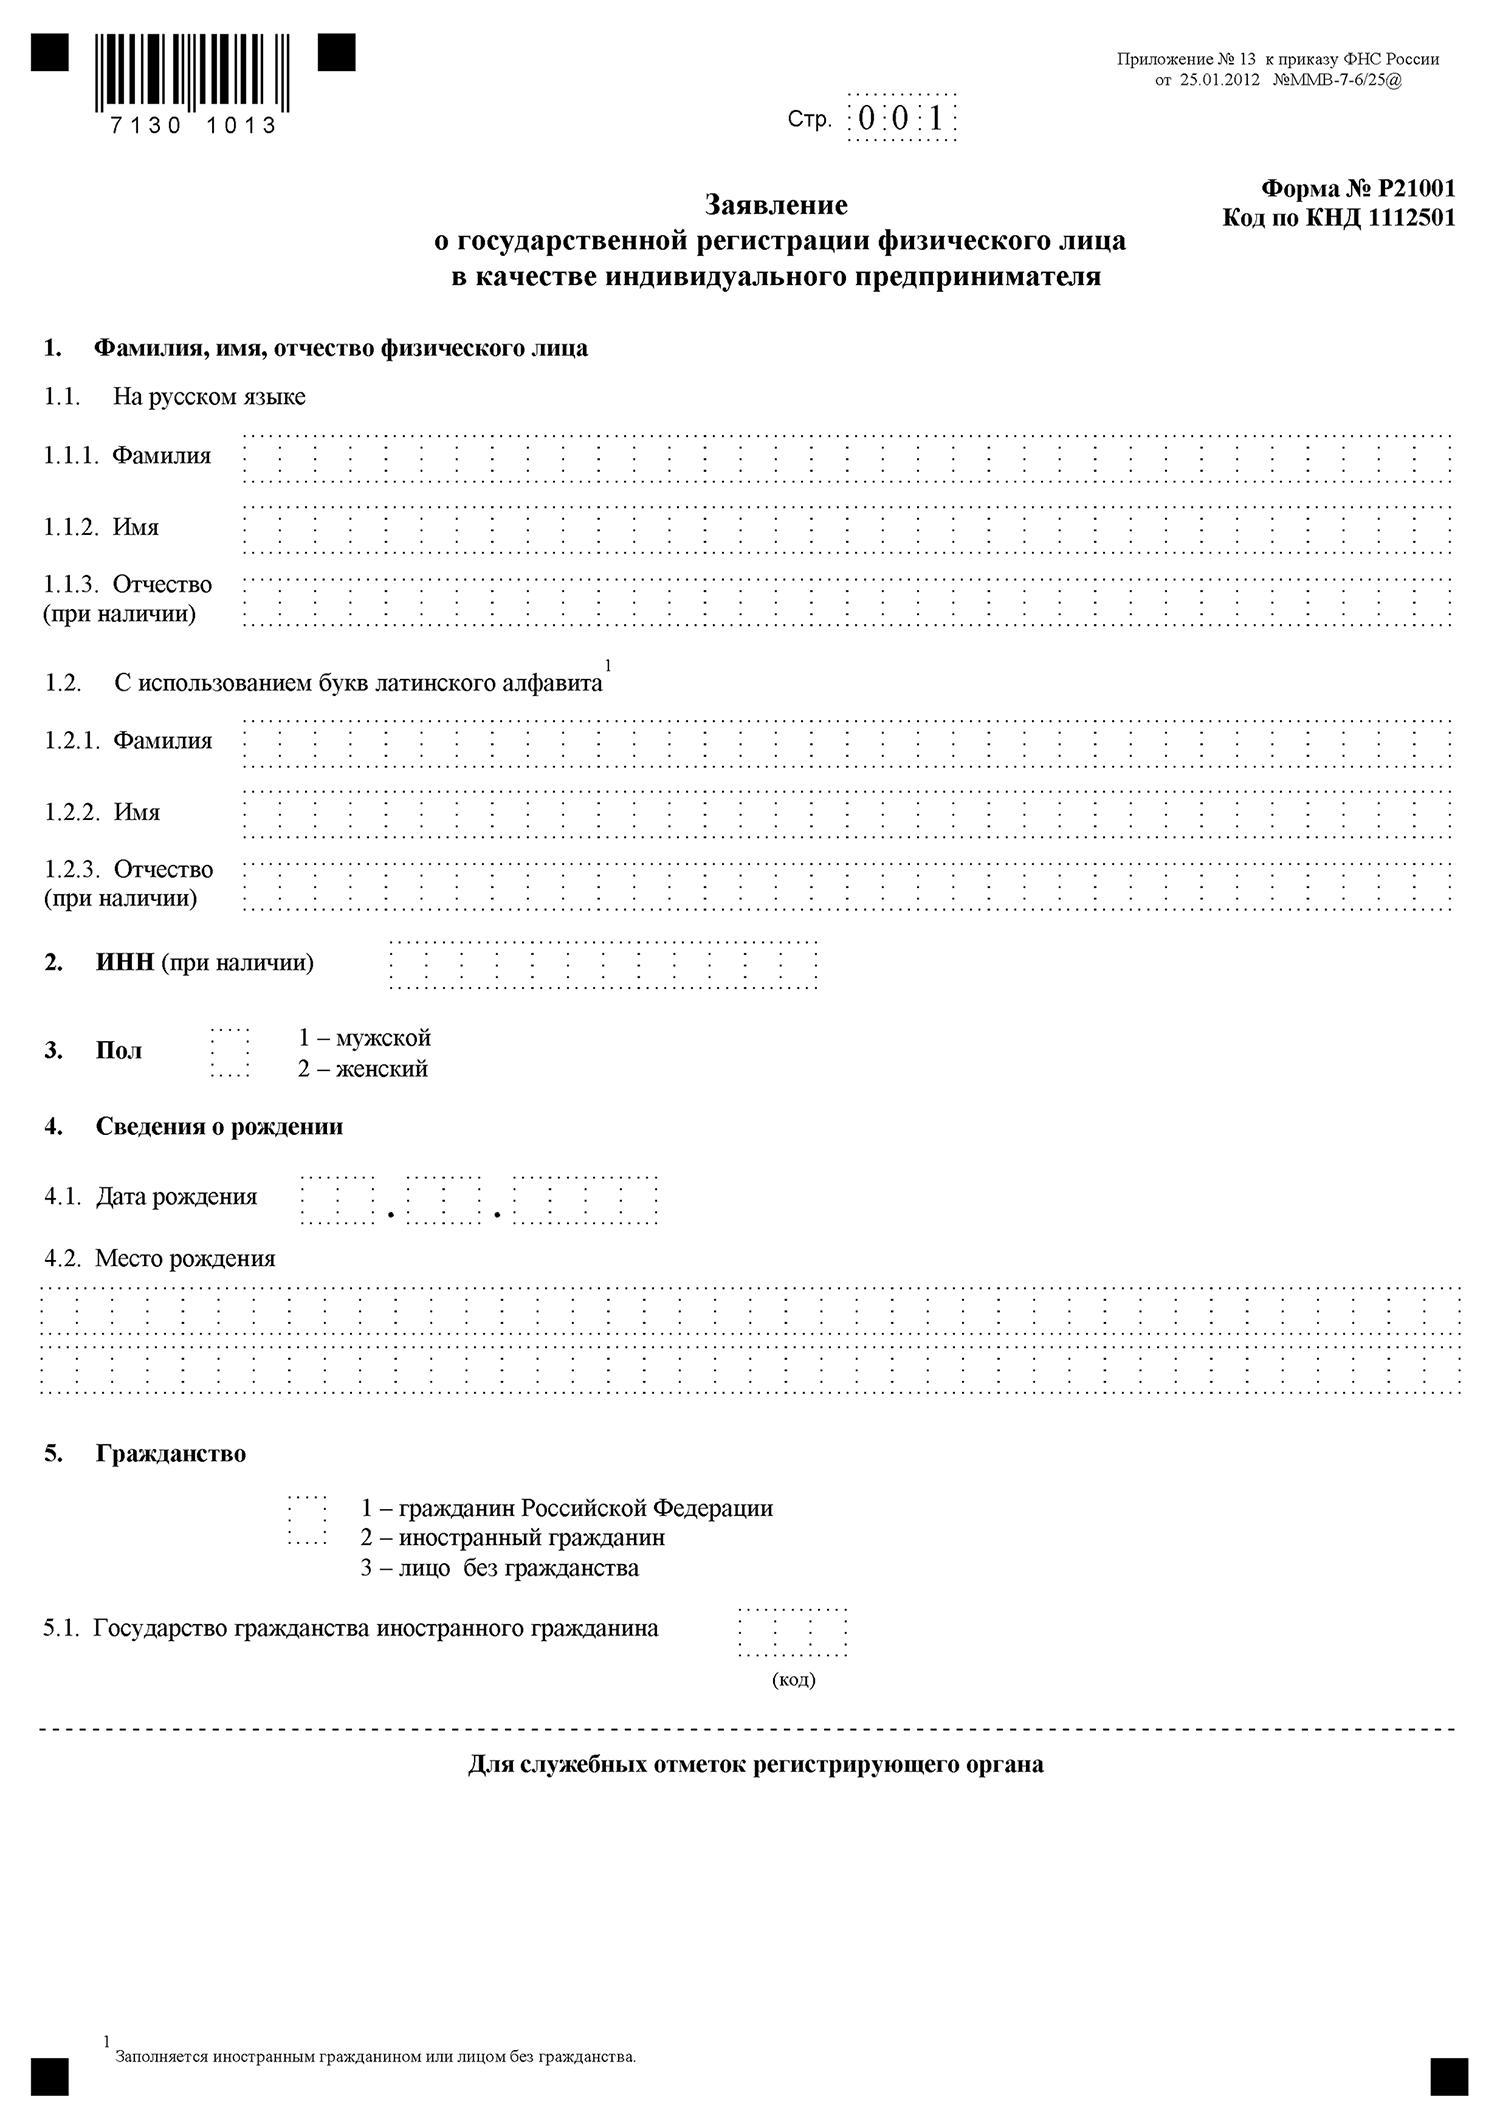 Бланк регистрации ип иностранным гражданином кто подает декларацию по форме 2 ндфл